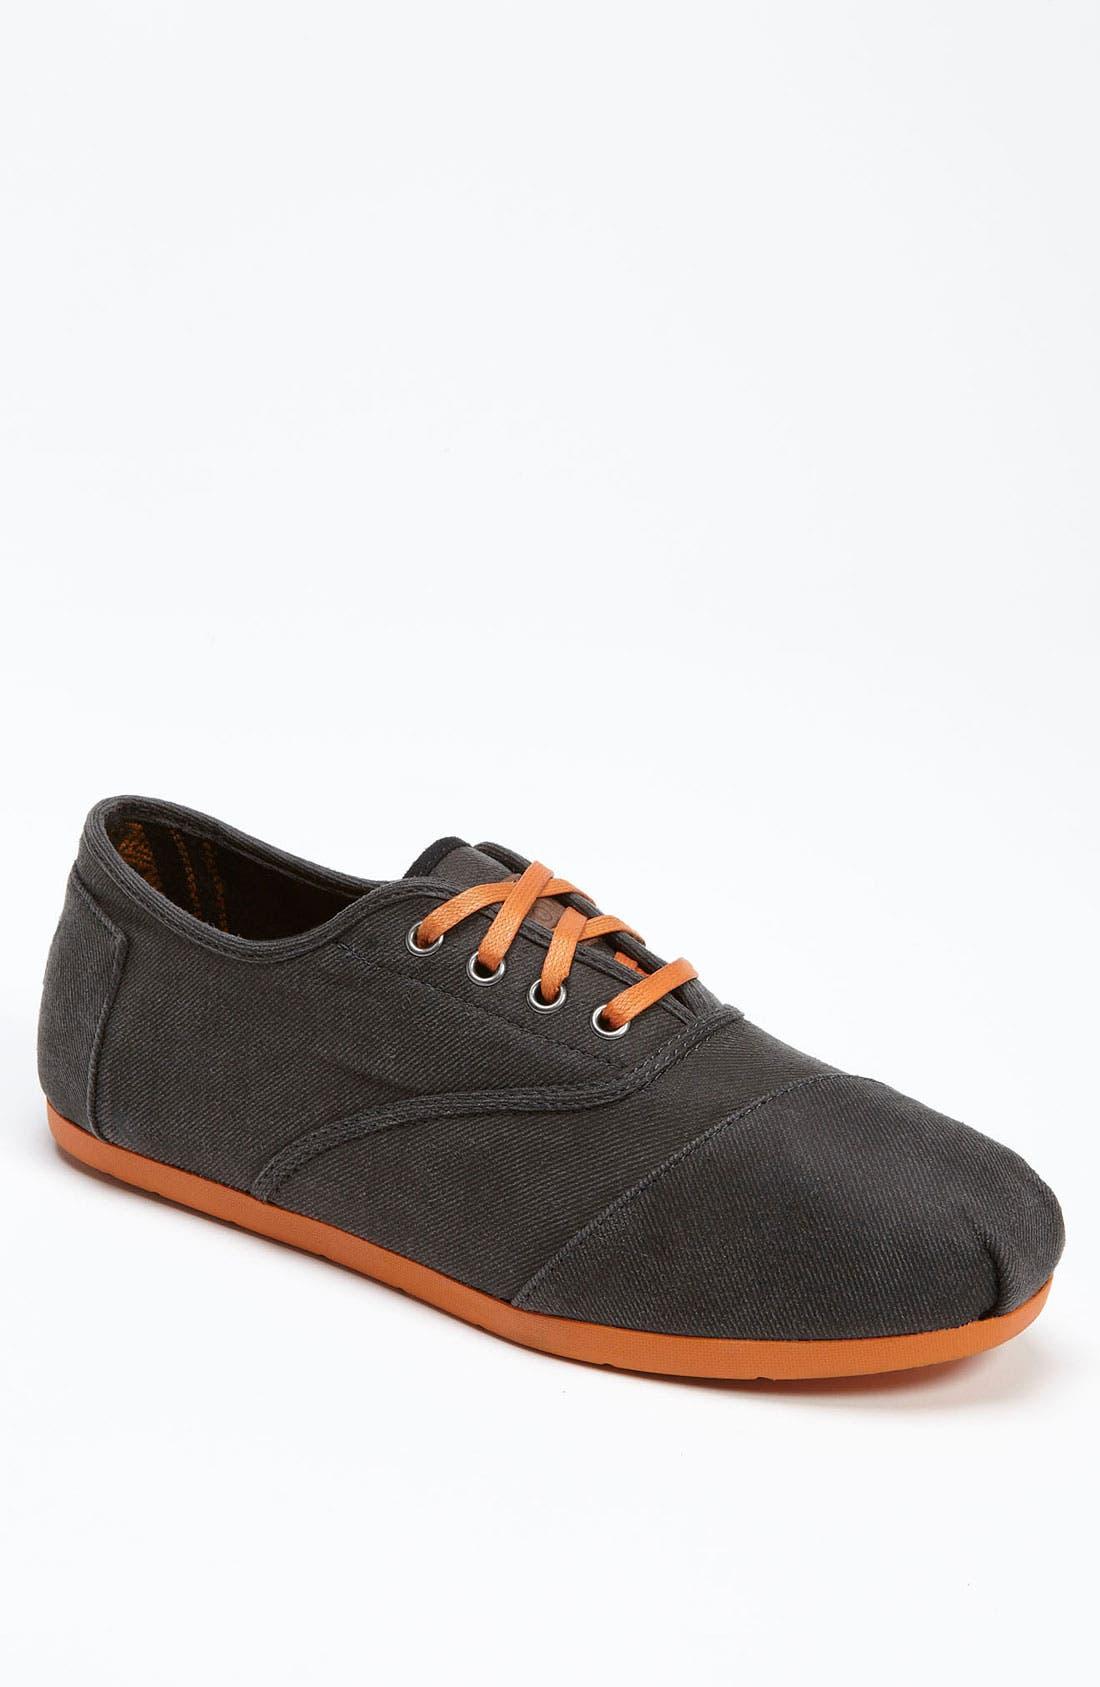 Main Image - TOMS 'Cordones' Twill Sneaker (Men) (Nordstrom Exclusive)